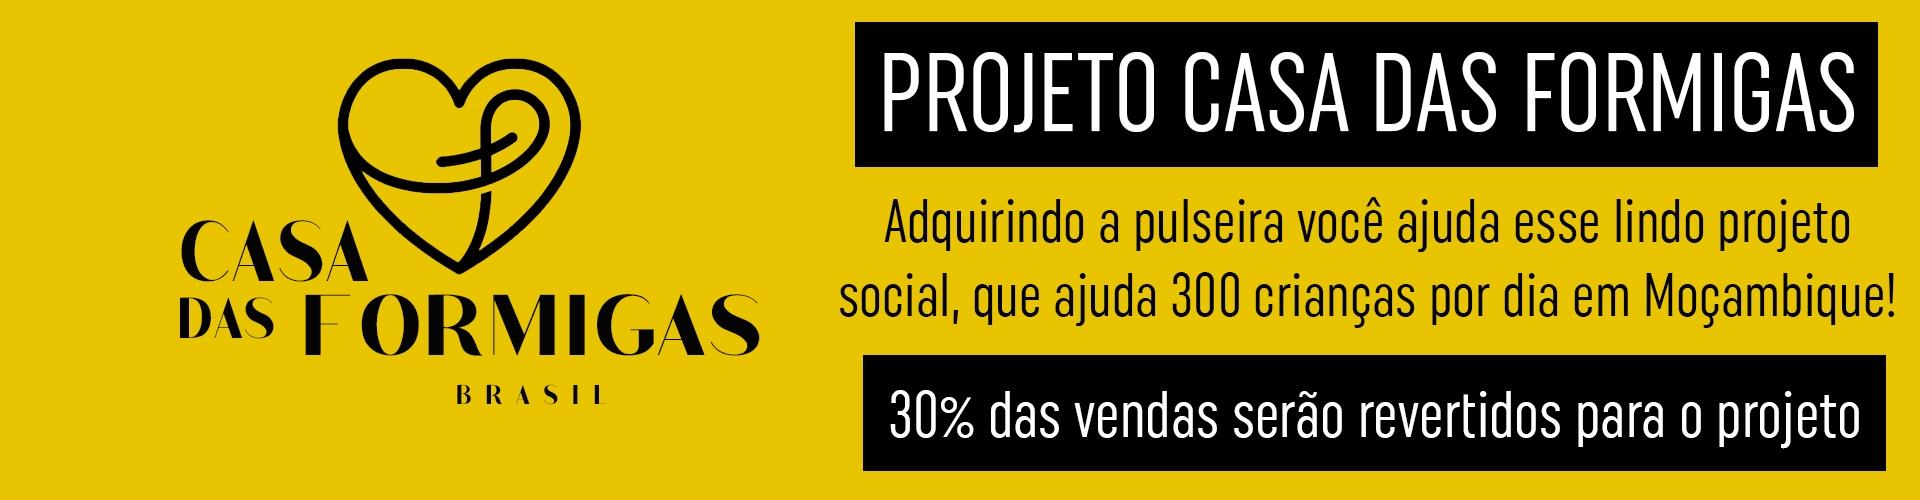 PROJETO CASA DAS FORMIGAS